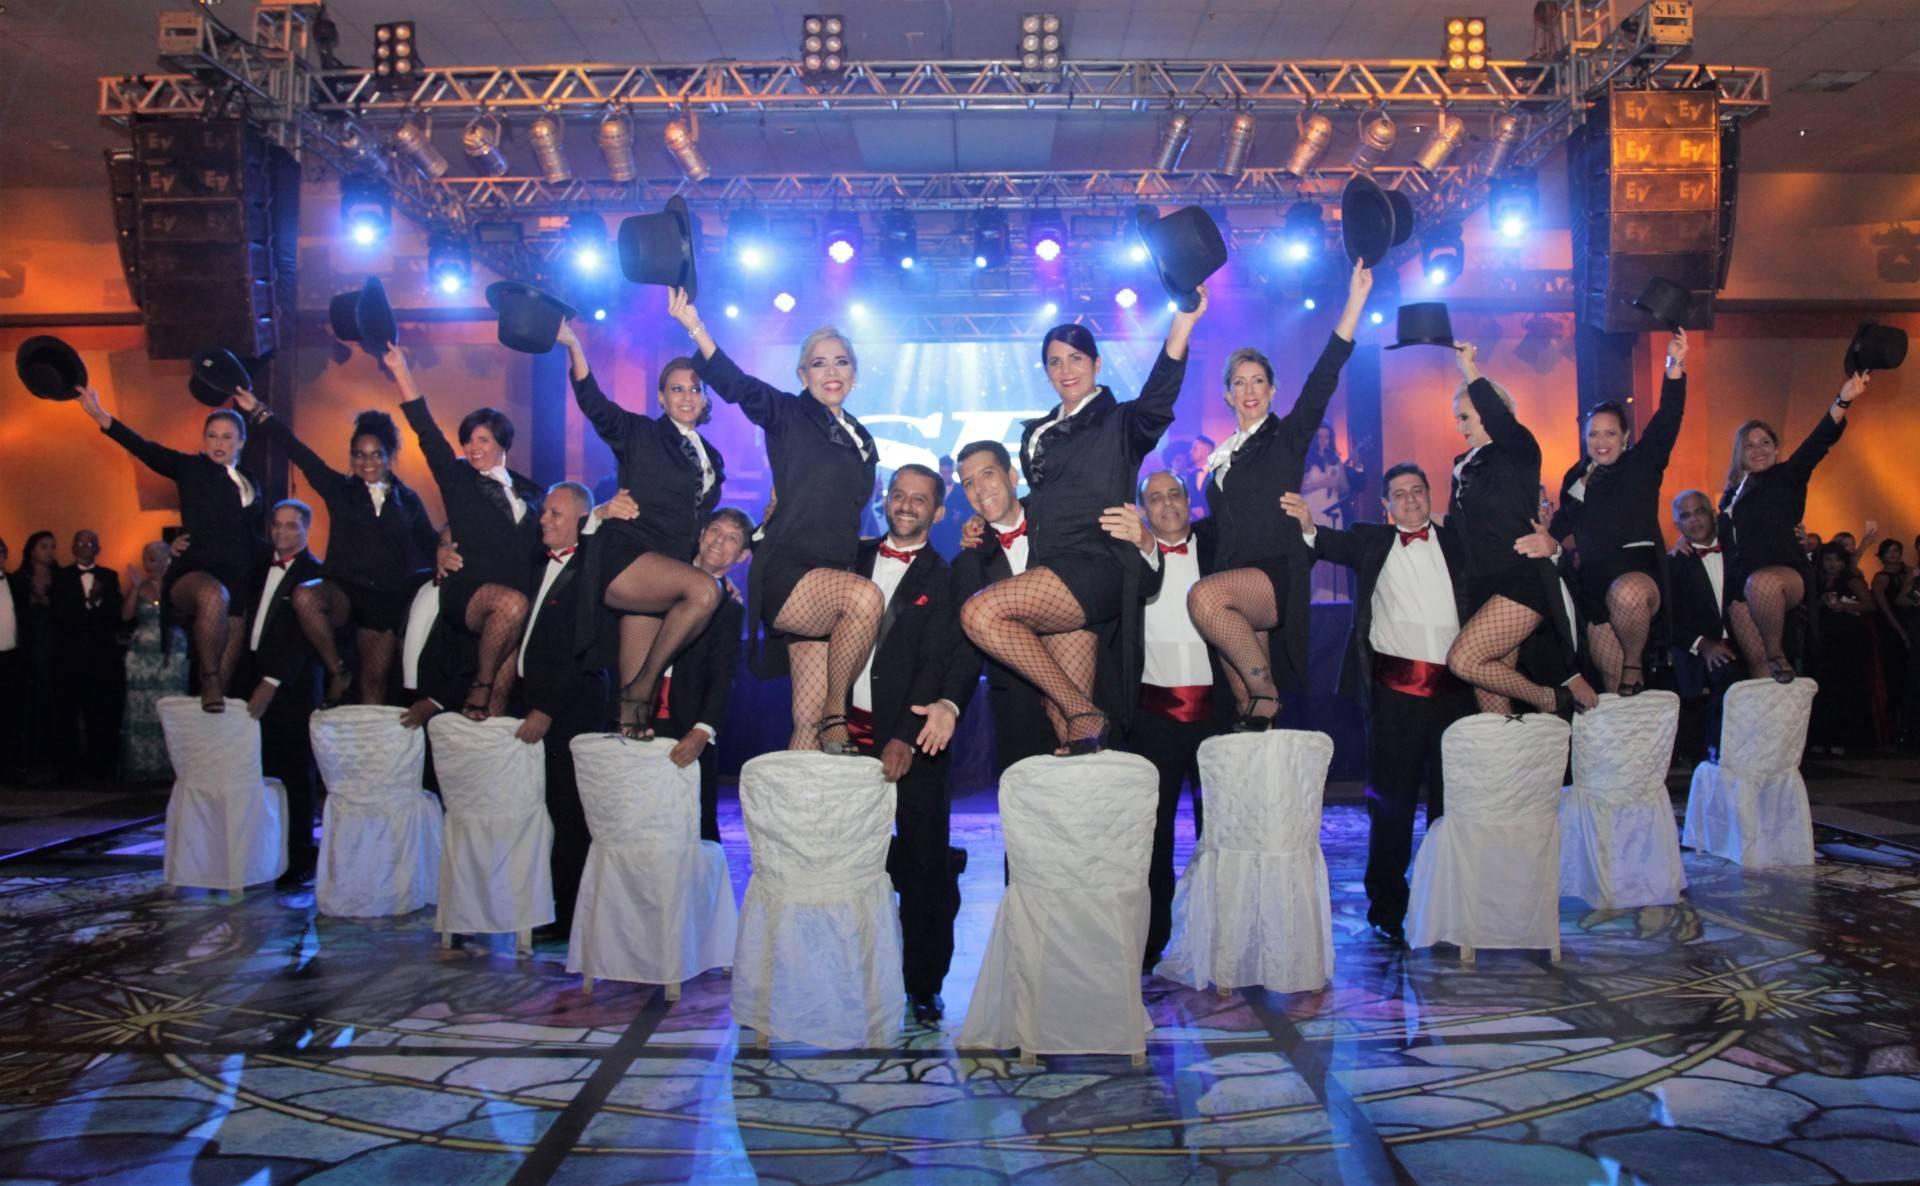 www.juicysantos.com.br - show no baile da cidade de santos